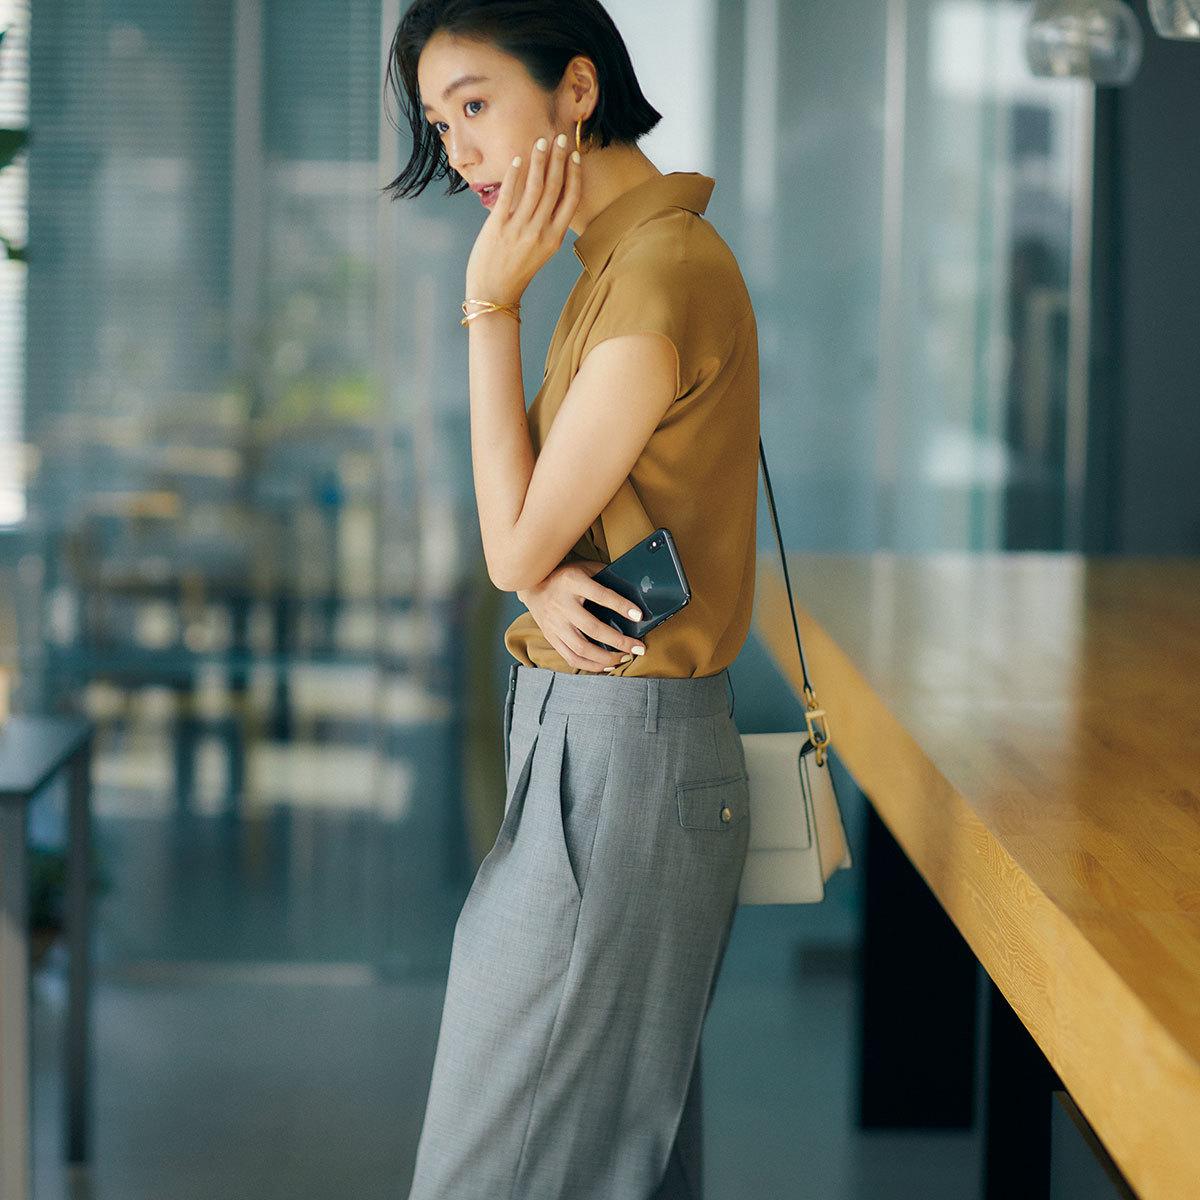 グレーのパンツをはいたモデルの竹内友梨さん